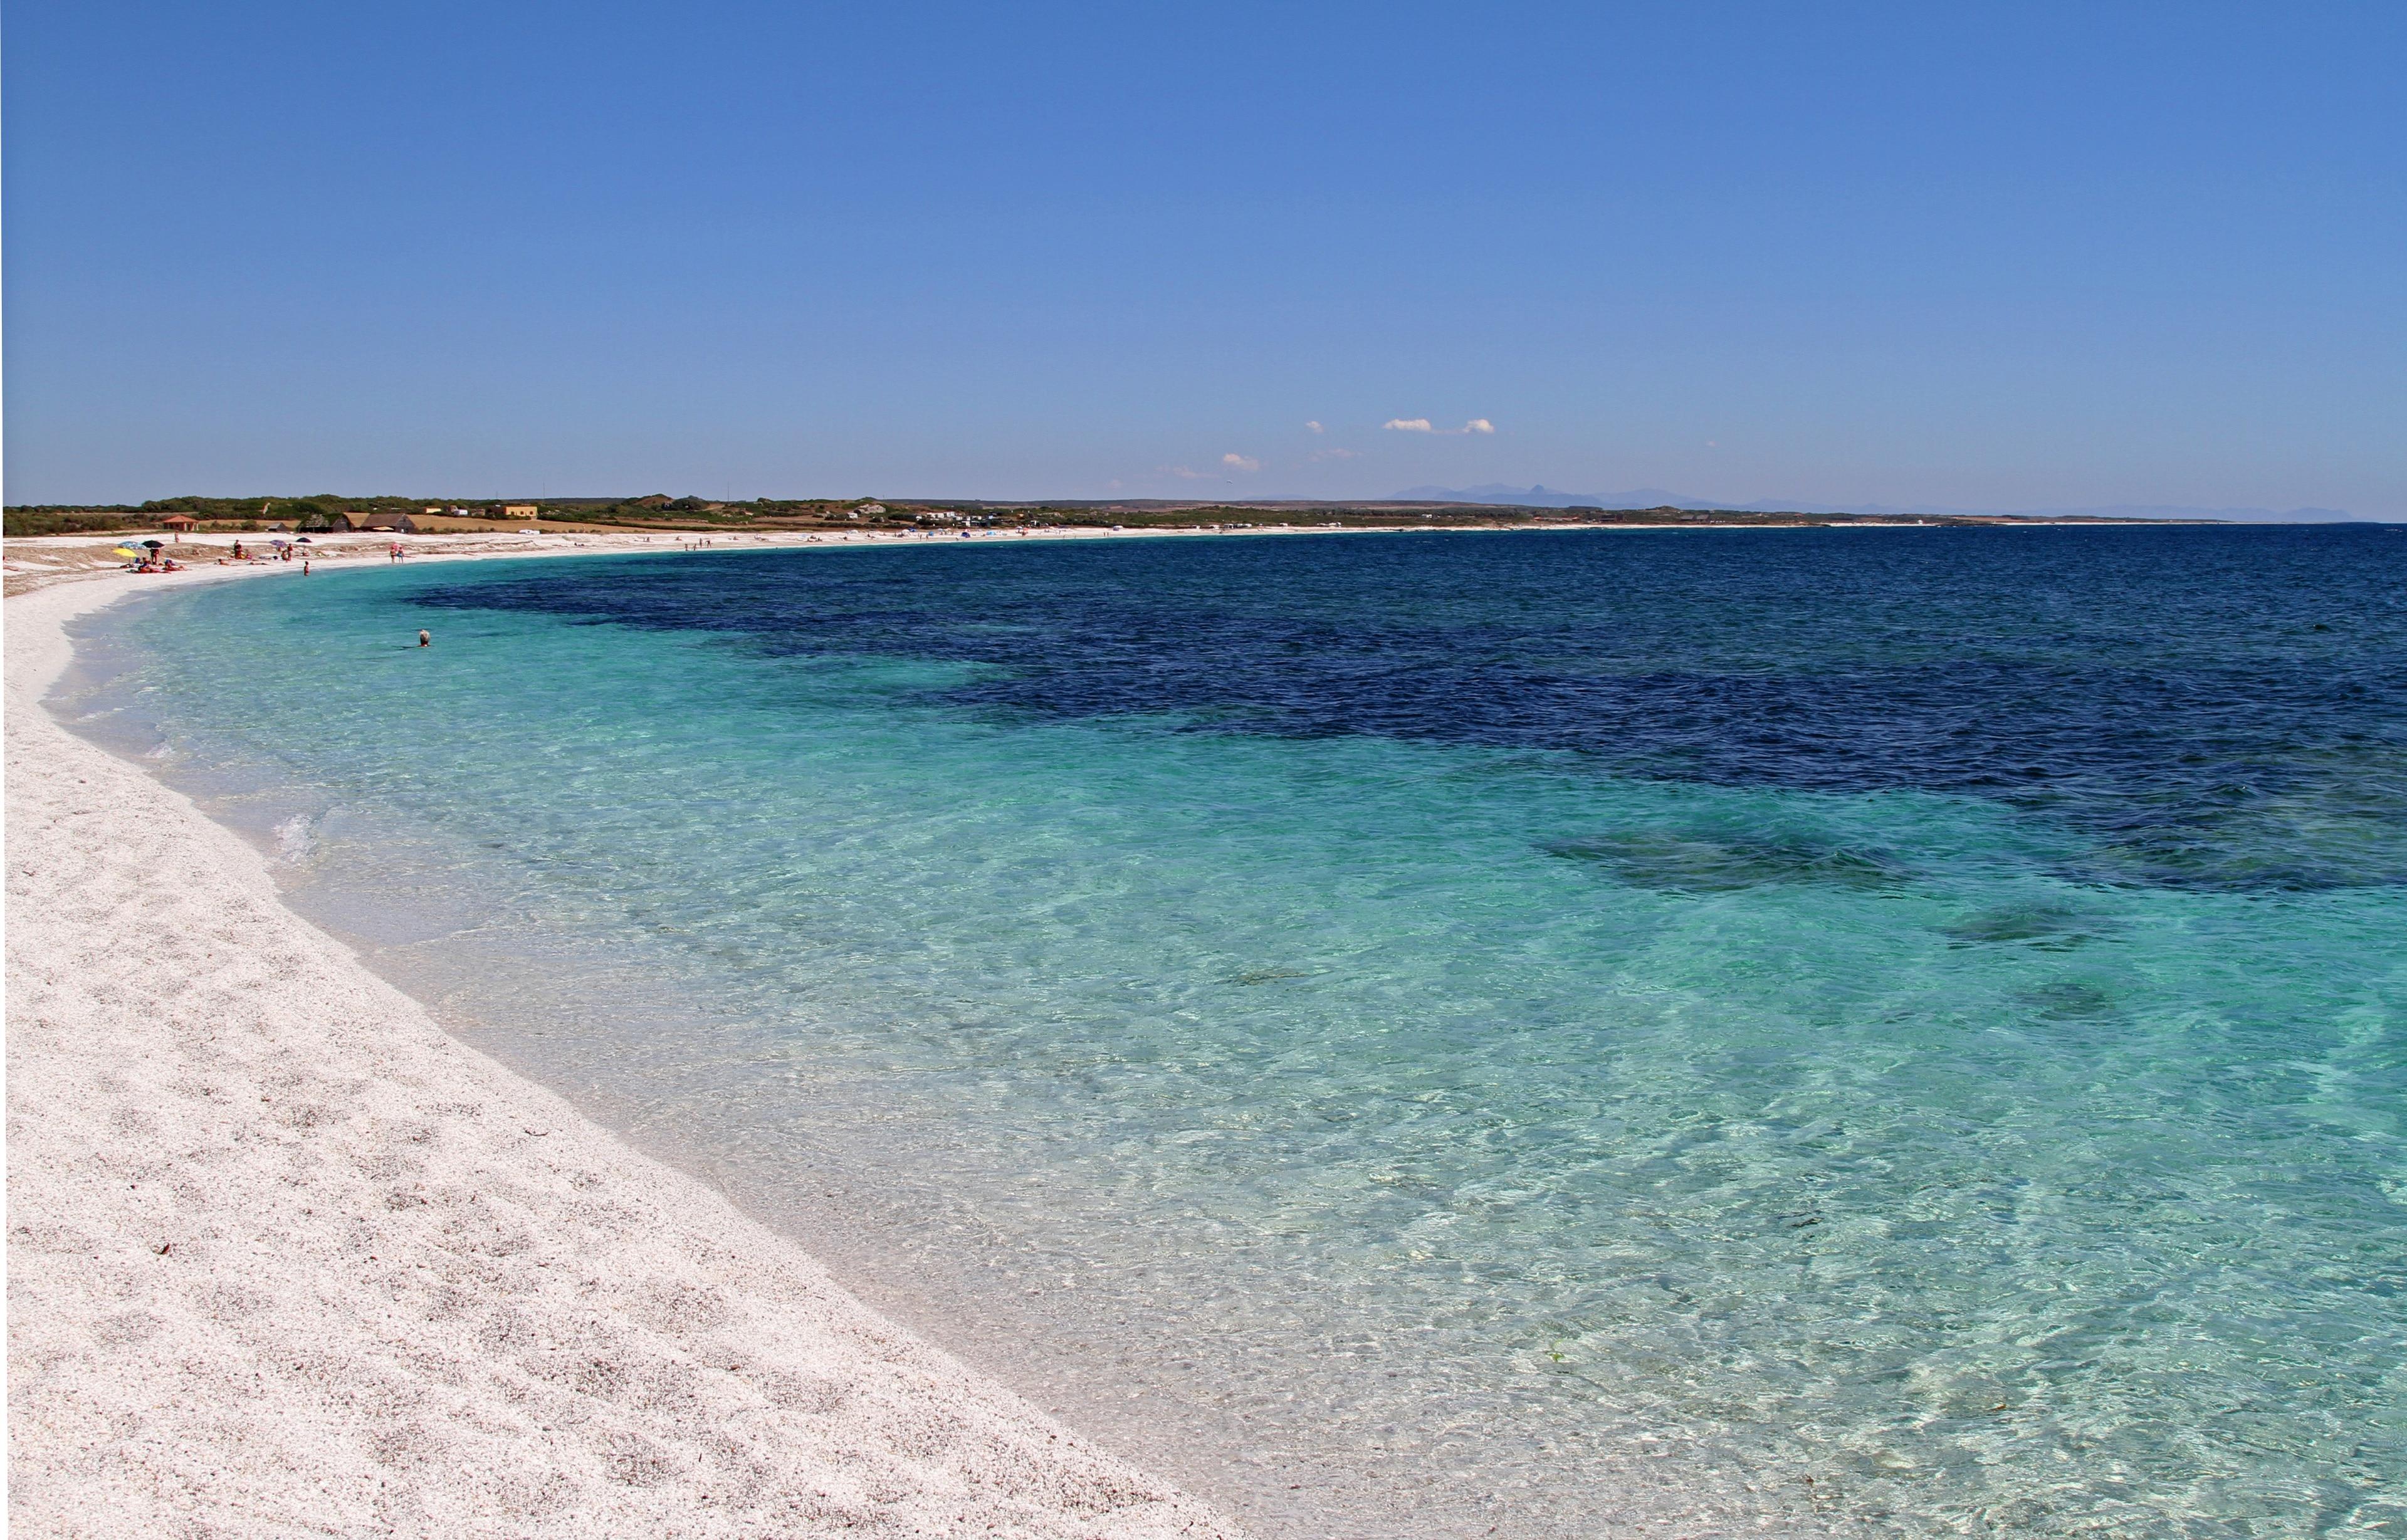 Mari Ermi Beach, Cabras, Sardinia, Italy